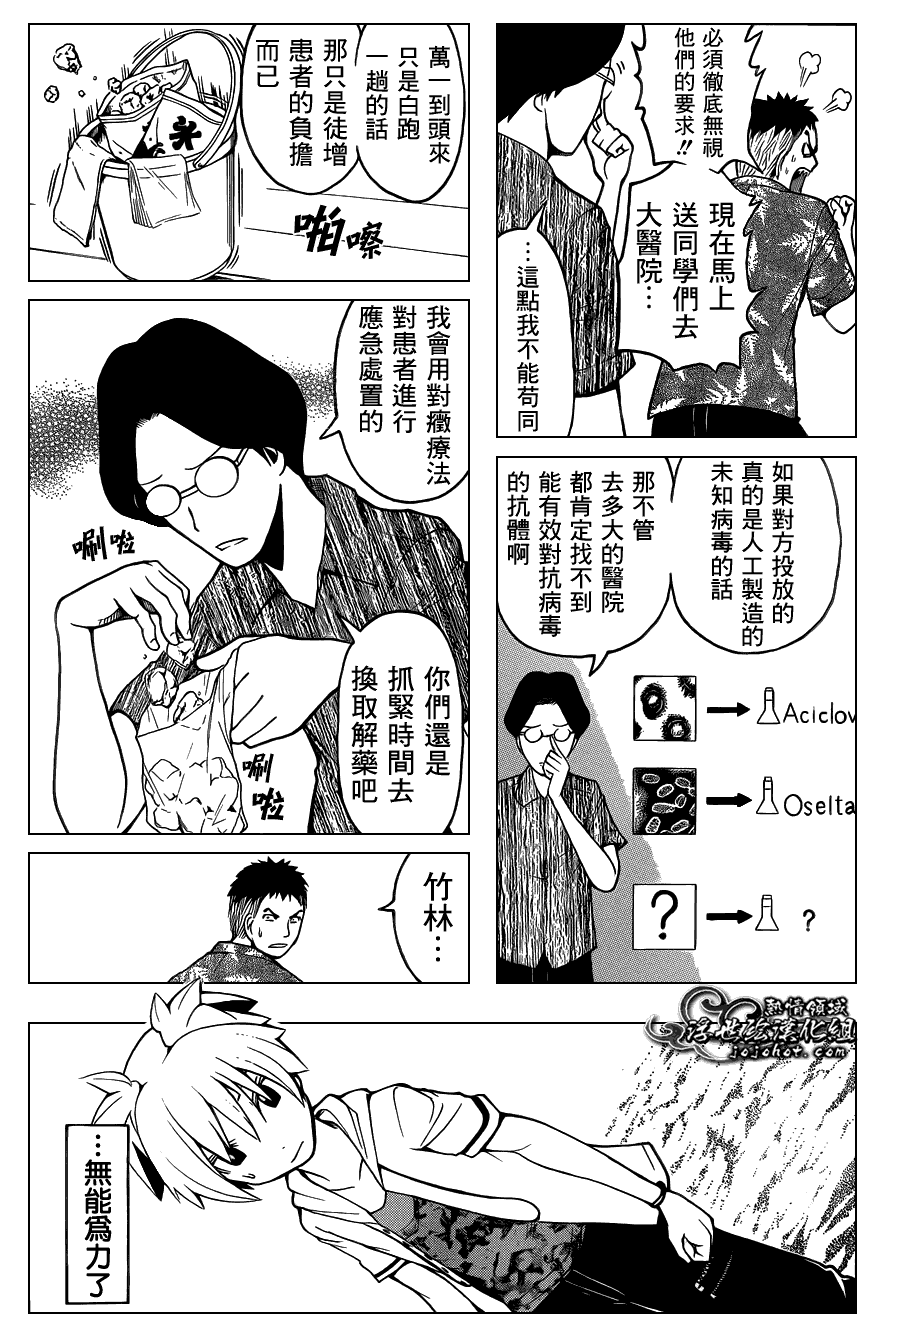 暗殺教室: 61話 - 第9页